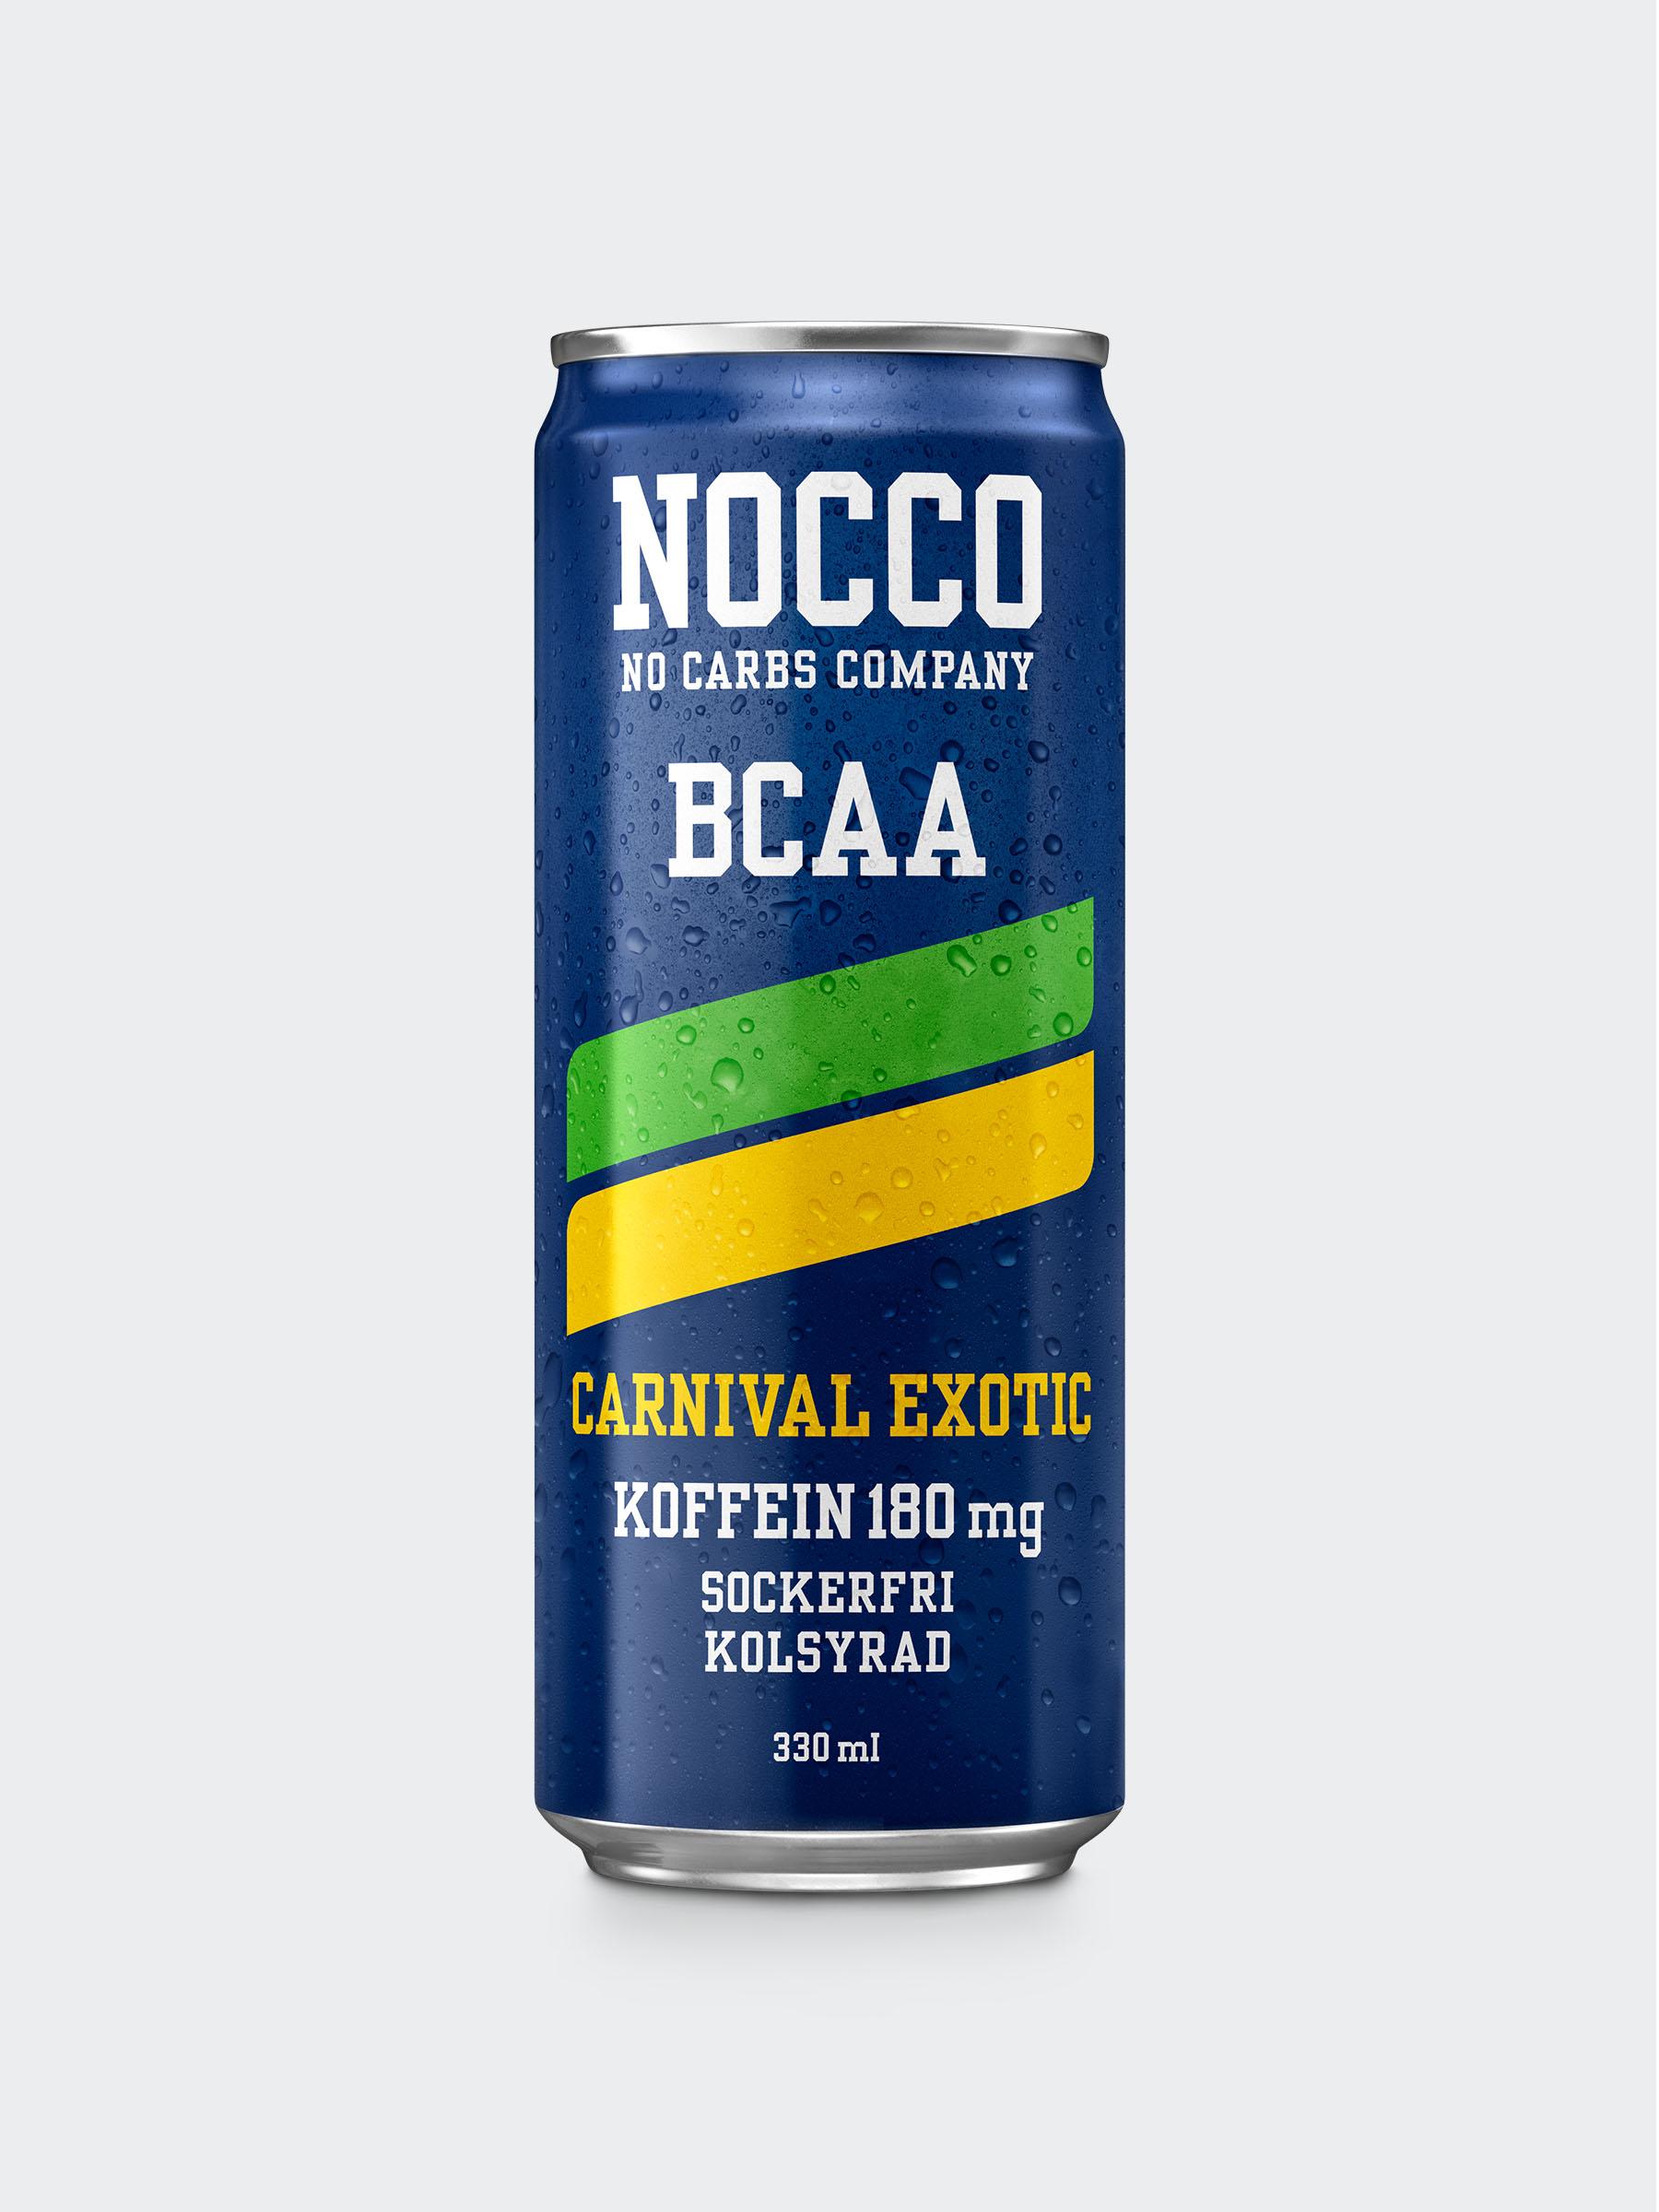 NOCCO Carnival